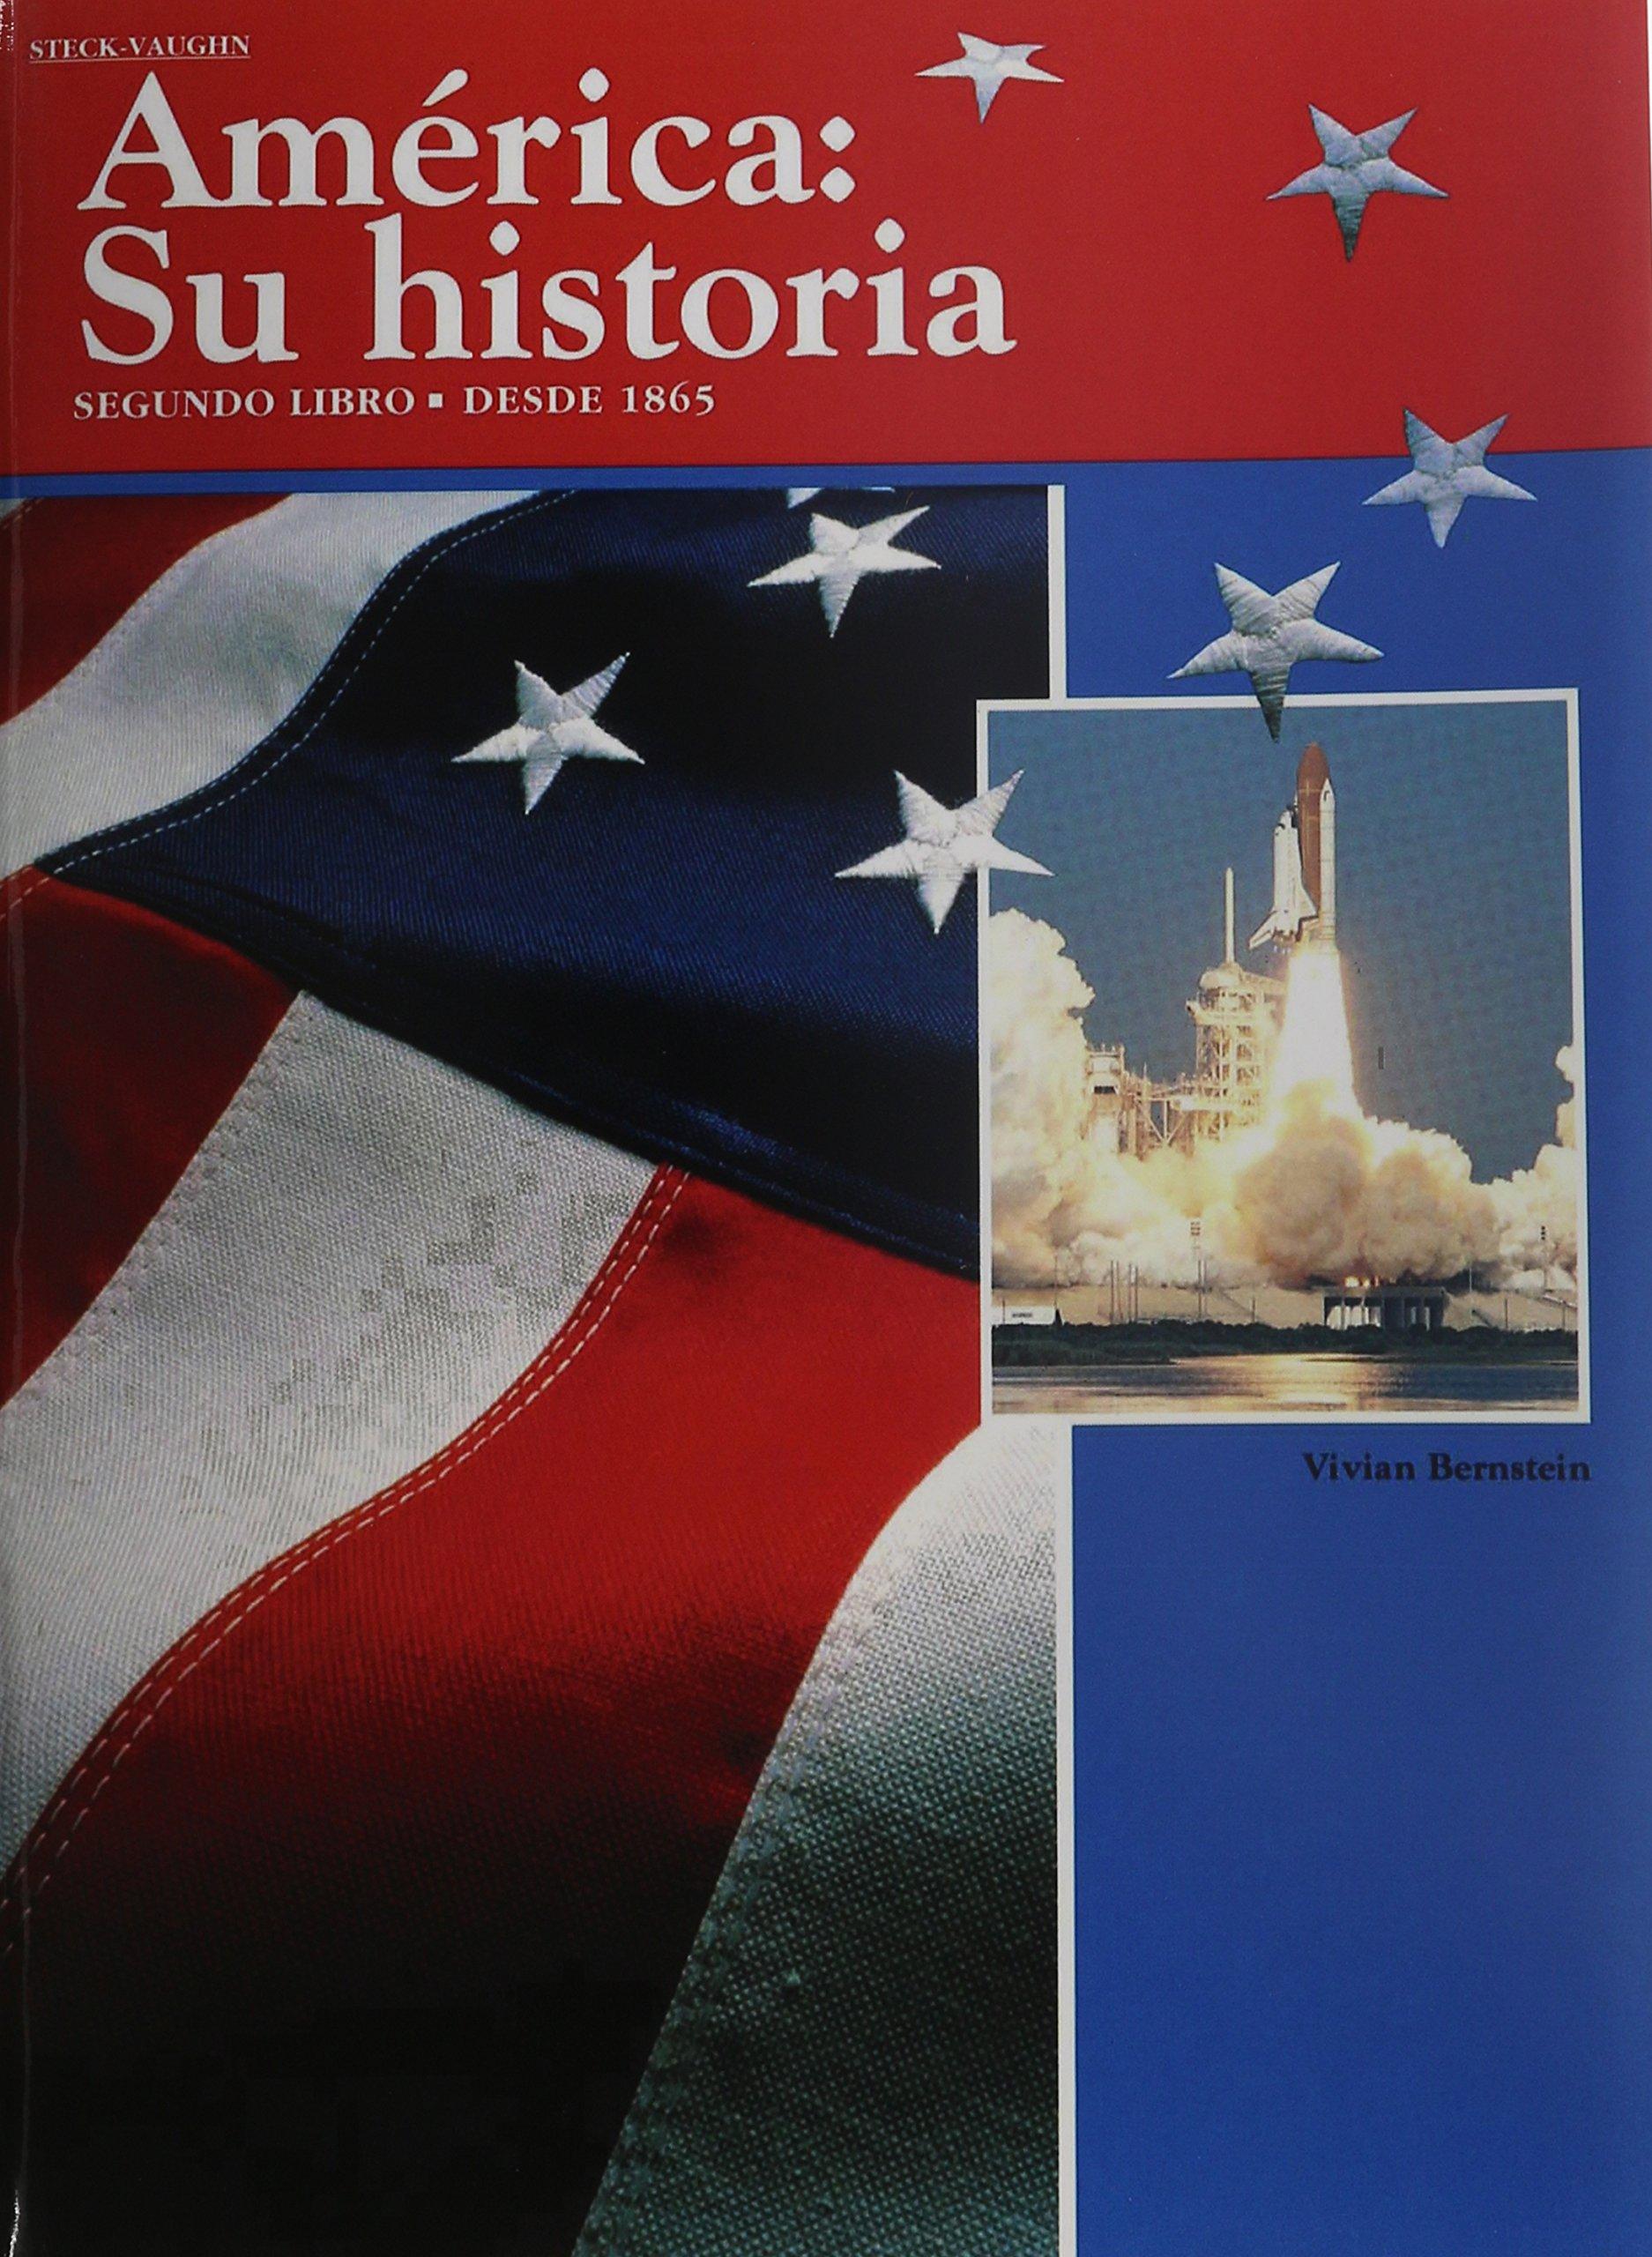 America: Su historia: Student Edition (Softcover) Segundo libro―desde 1865 1992